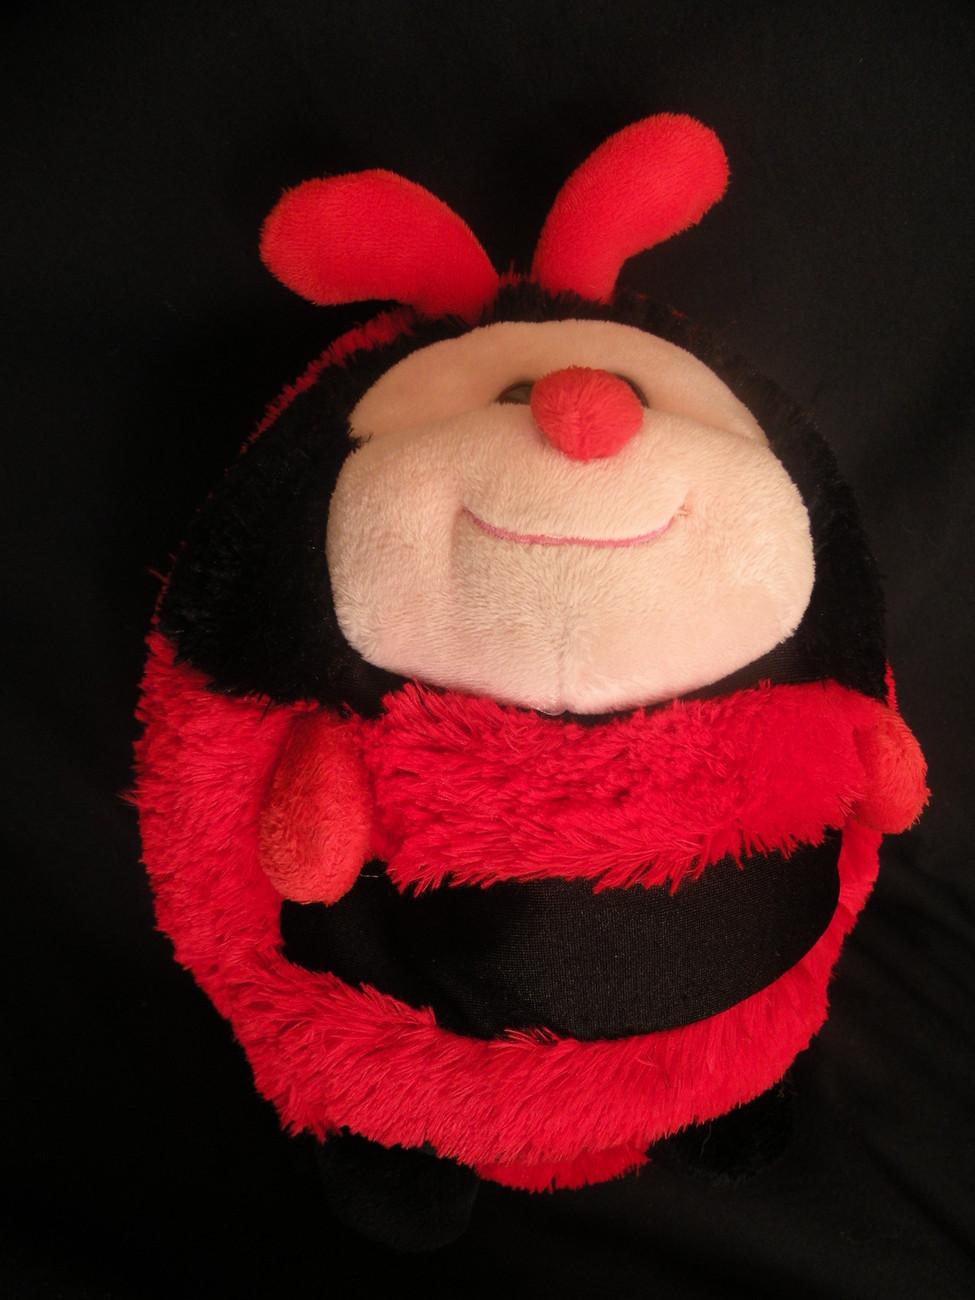 Ladybug Microbead Round Plush Mini Pillow Ball Stuffed Toy 8